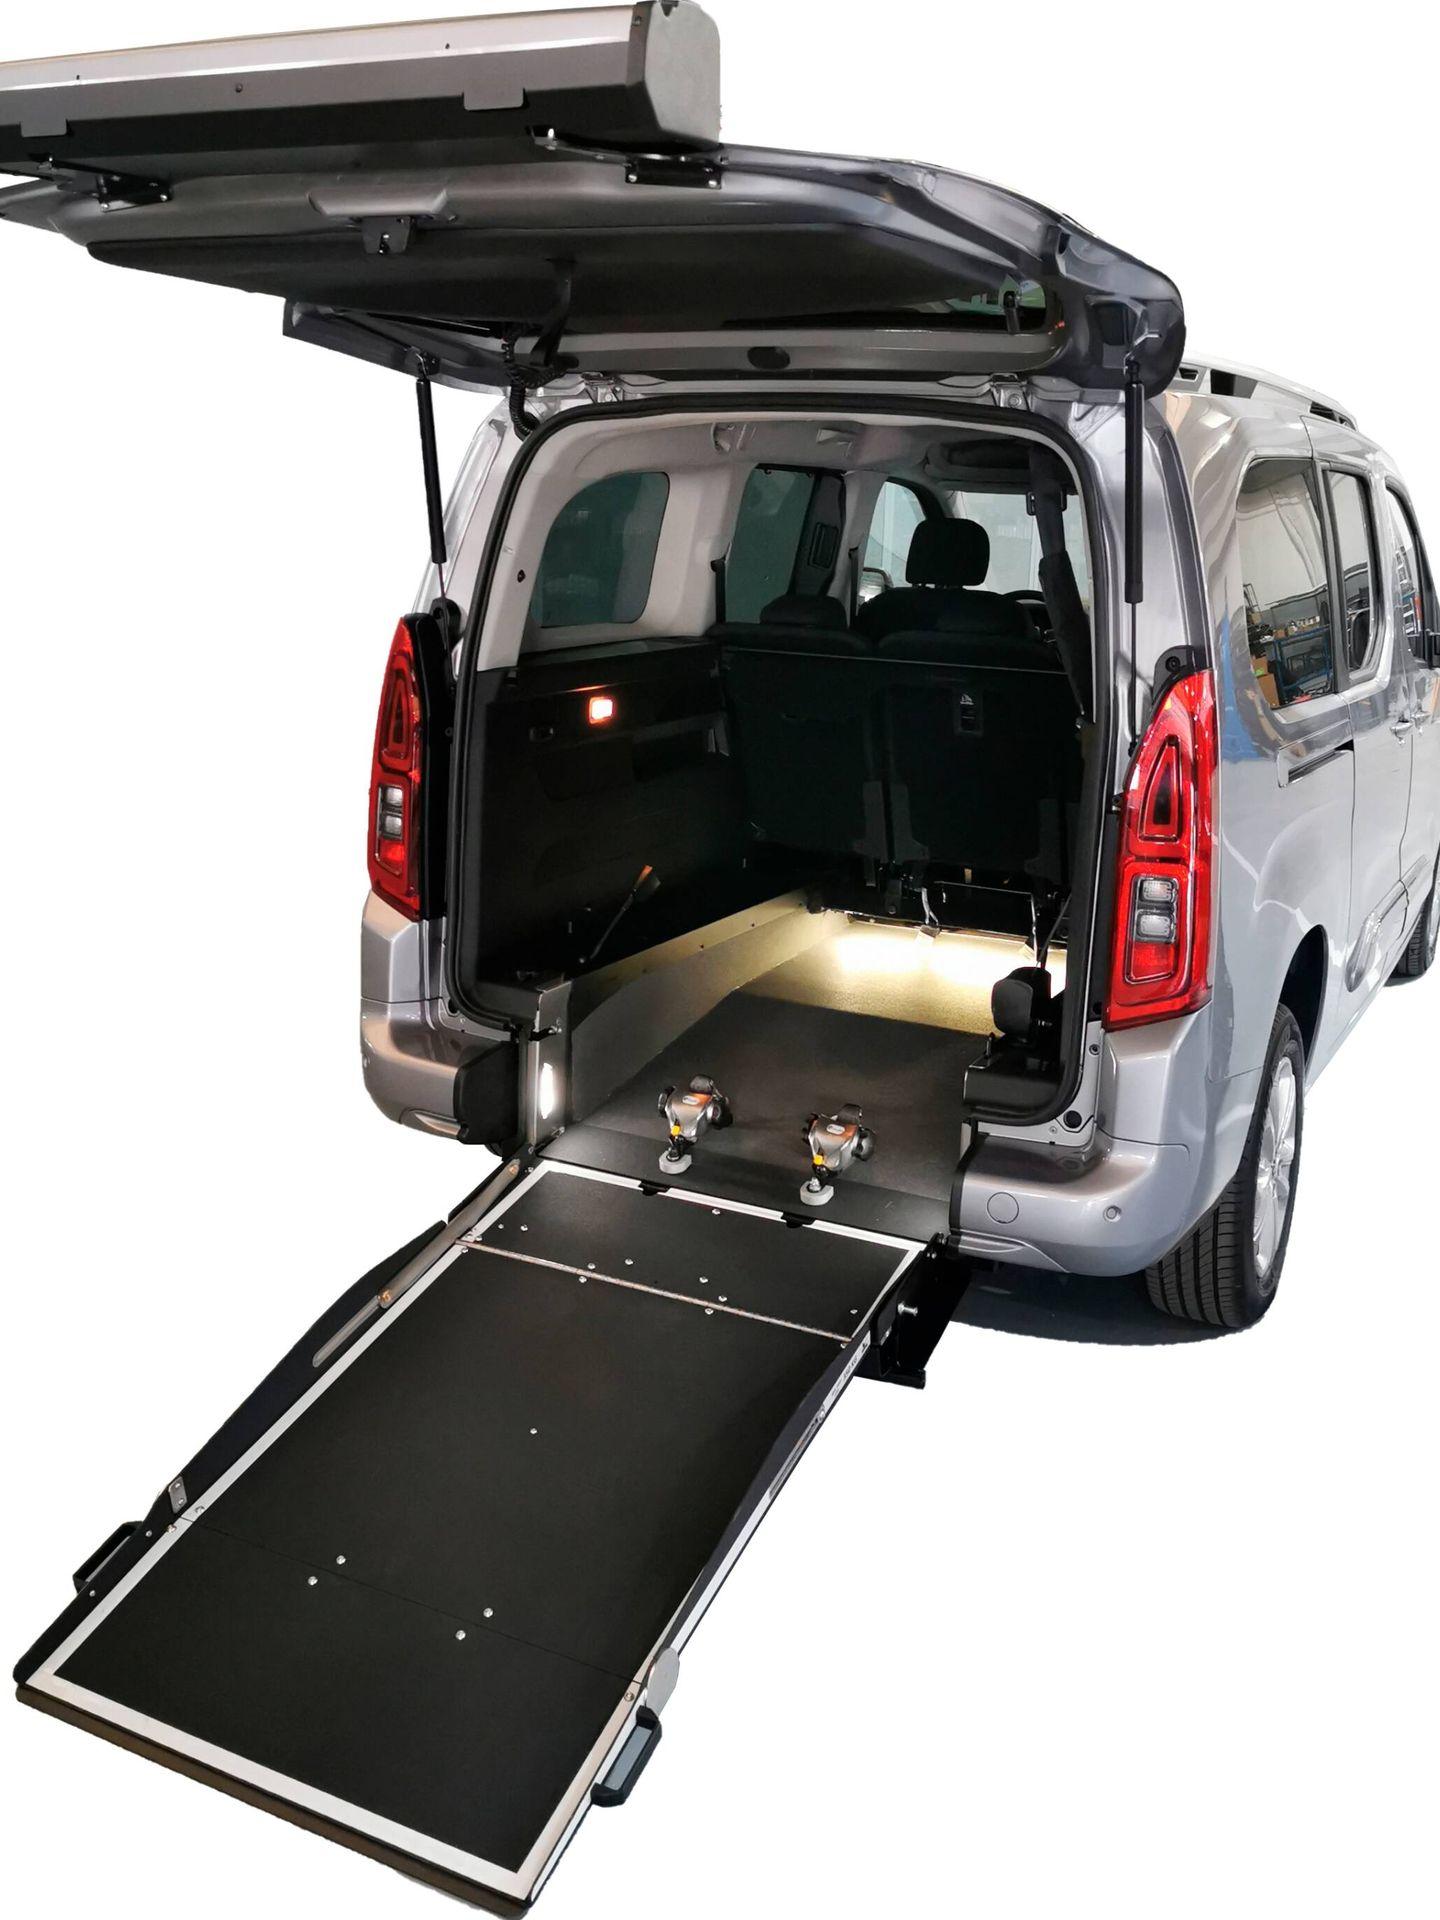 En el caso de la Toyota Proace City TPMR, destinada solo a clientes particulares, podemos elegir entre dos largos de carrocería y varios niveles de acabado y equipamiento especial.